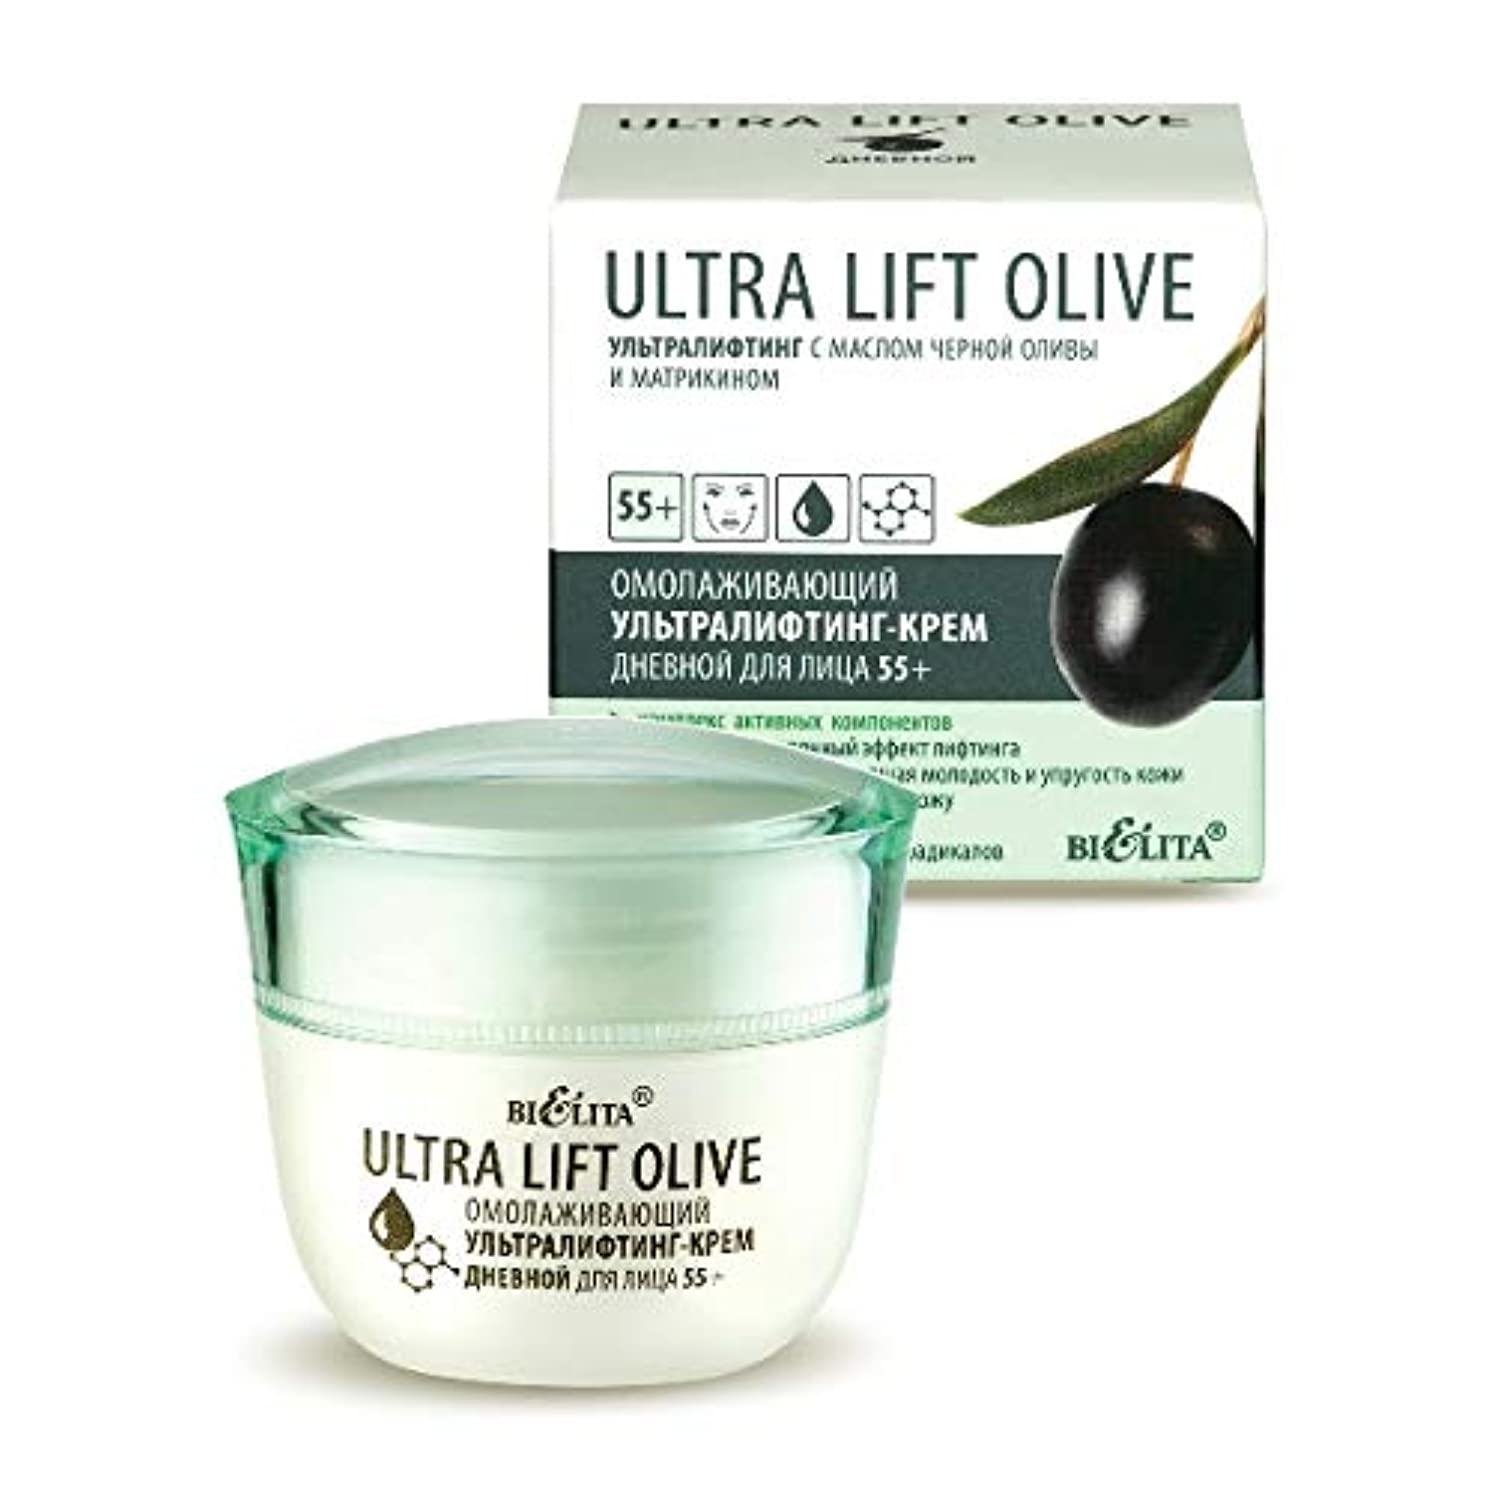 迷彩韓国語そのようなBielita & Vitex | Ultra lift olive | Face Lift Cream daytime ultralighting-face cream 55+ | reduces wrinkles and...